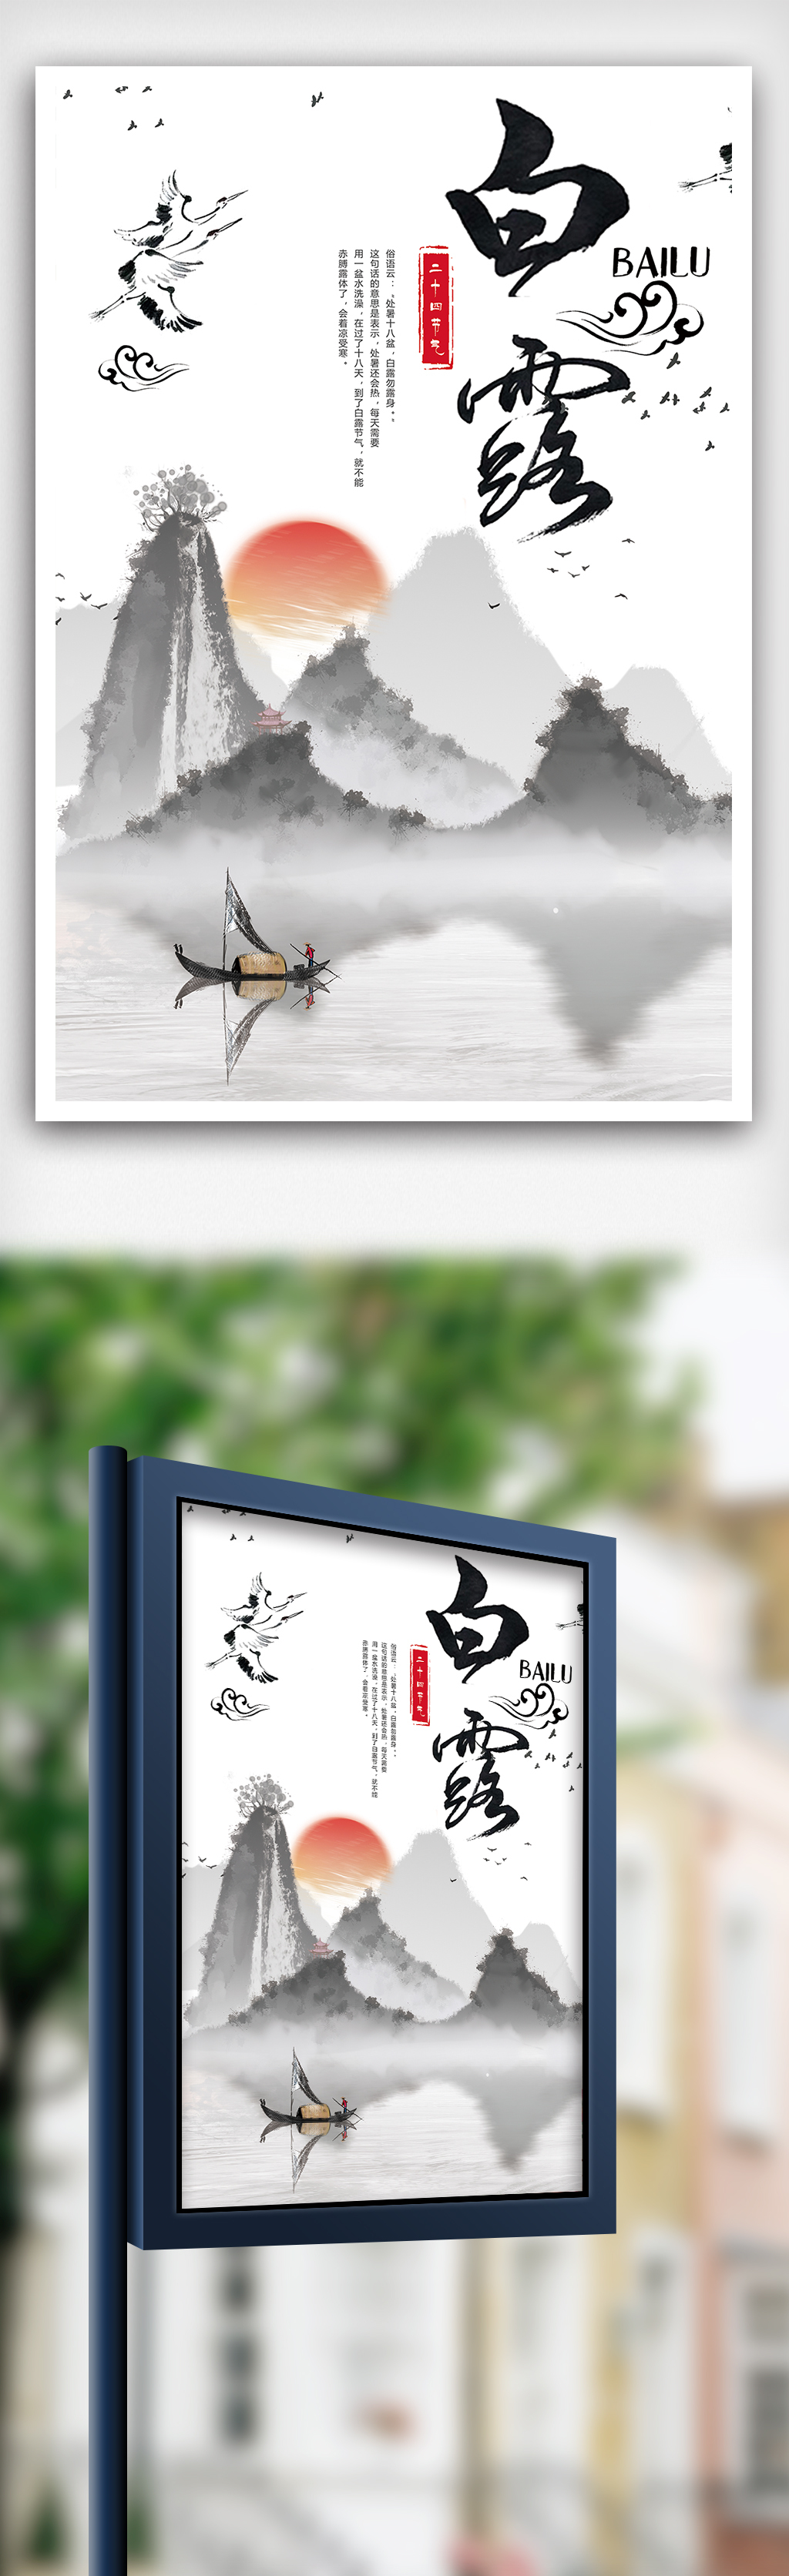 中国风手绘风格白露节气海报